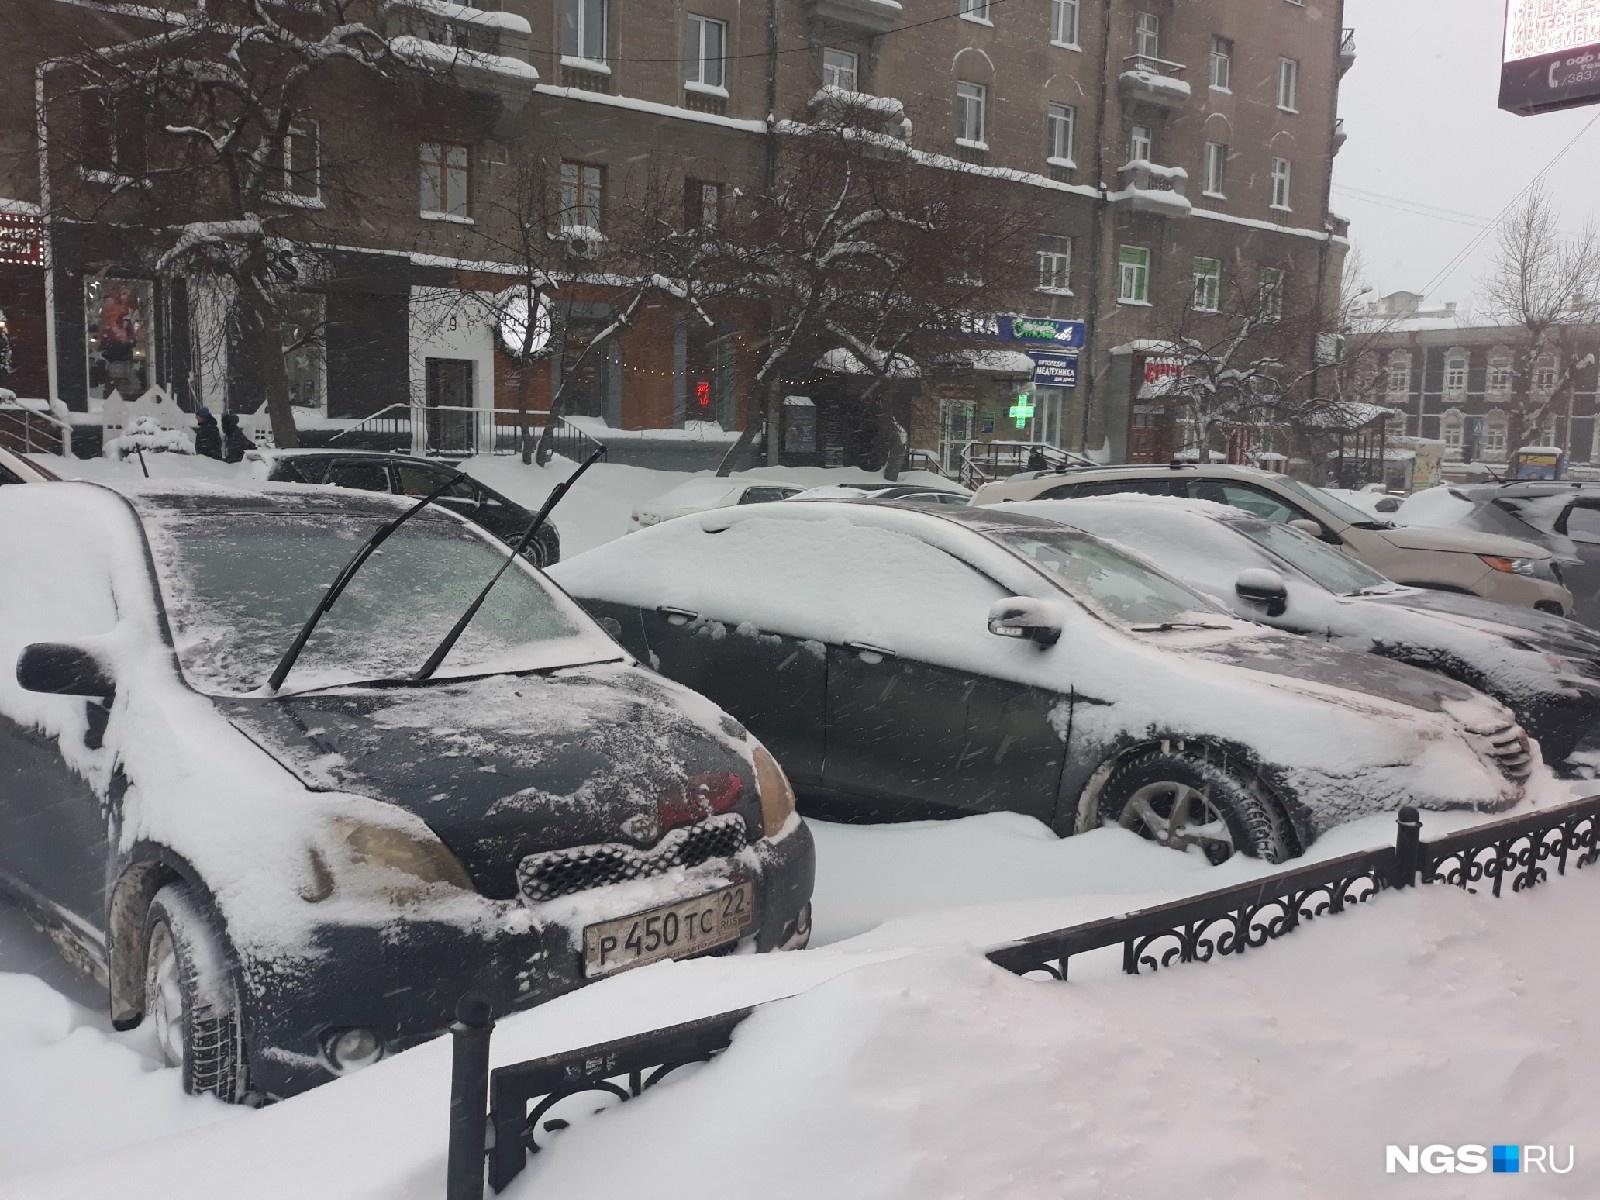 Автолюбители последовали рекомендациям мэрии и отказались на время снегопадов от передвижения на машинах